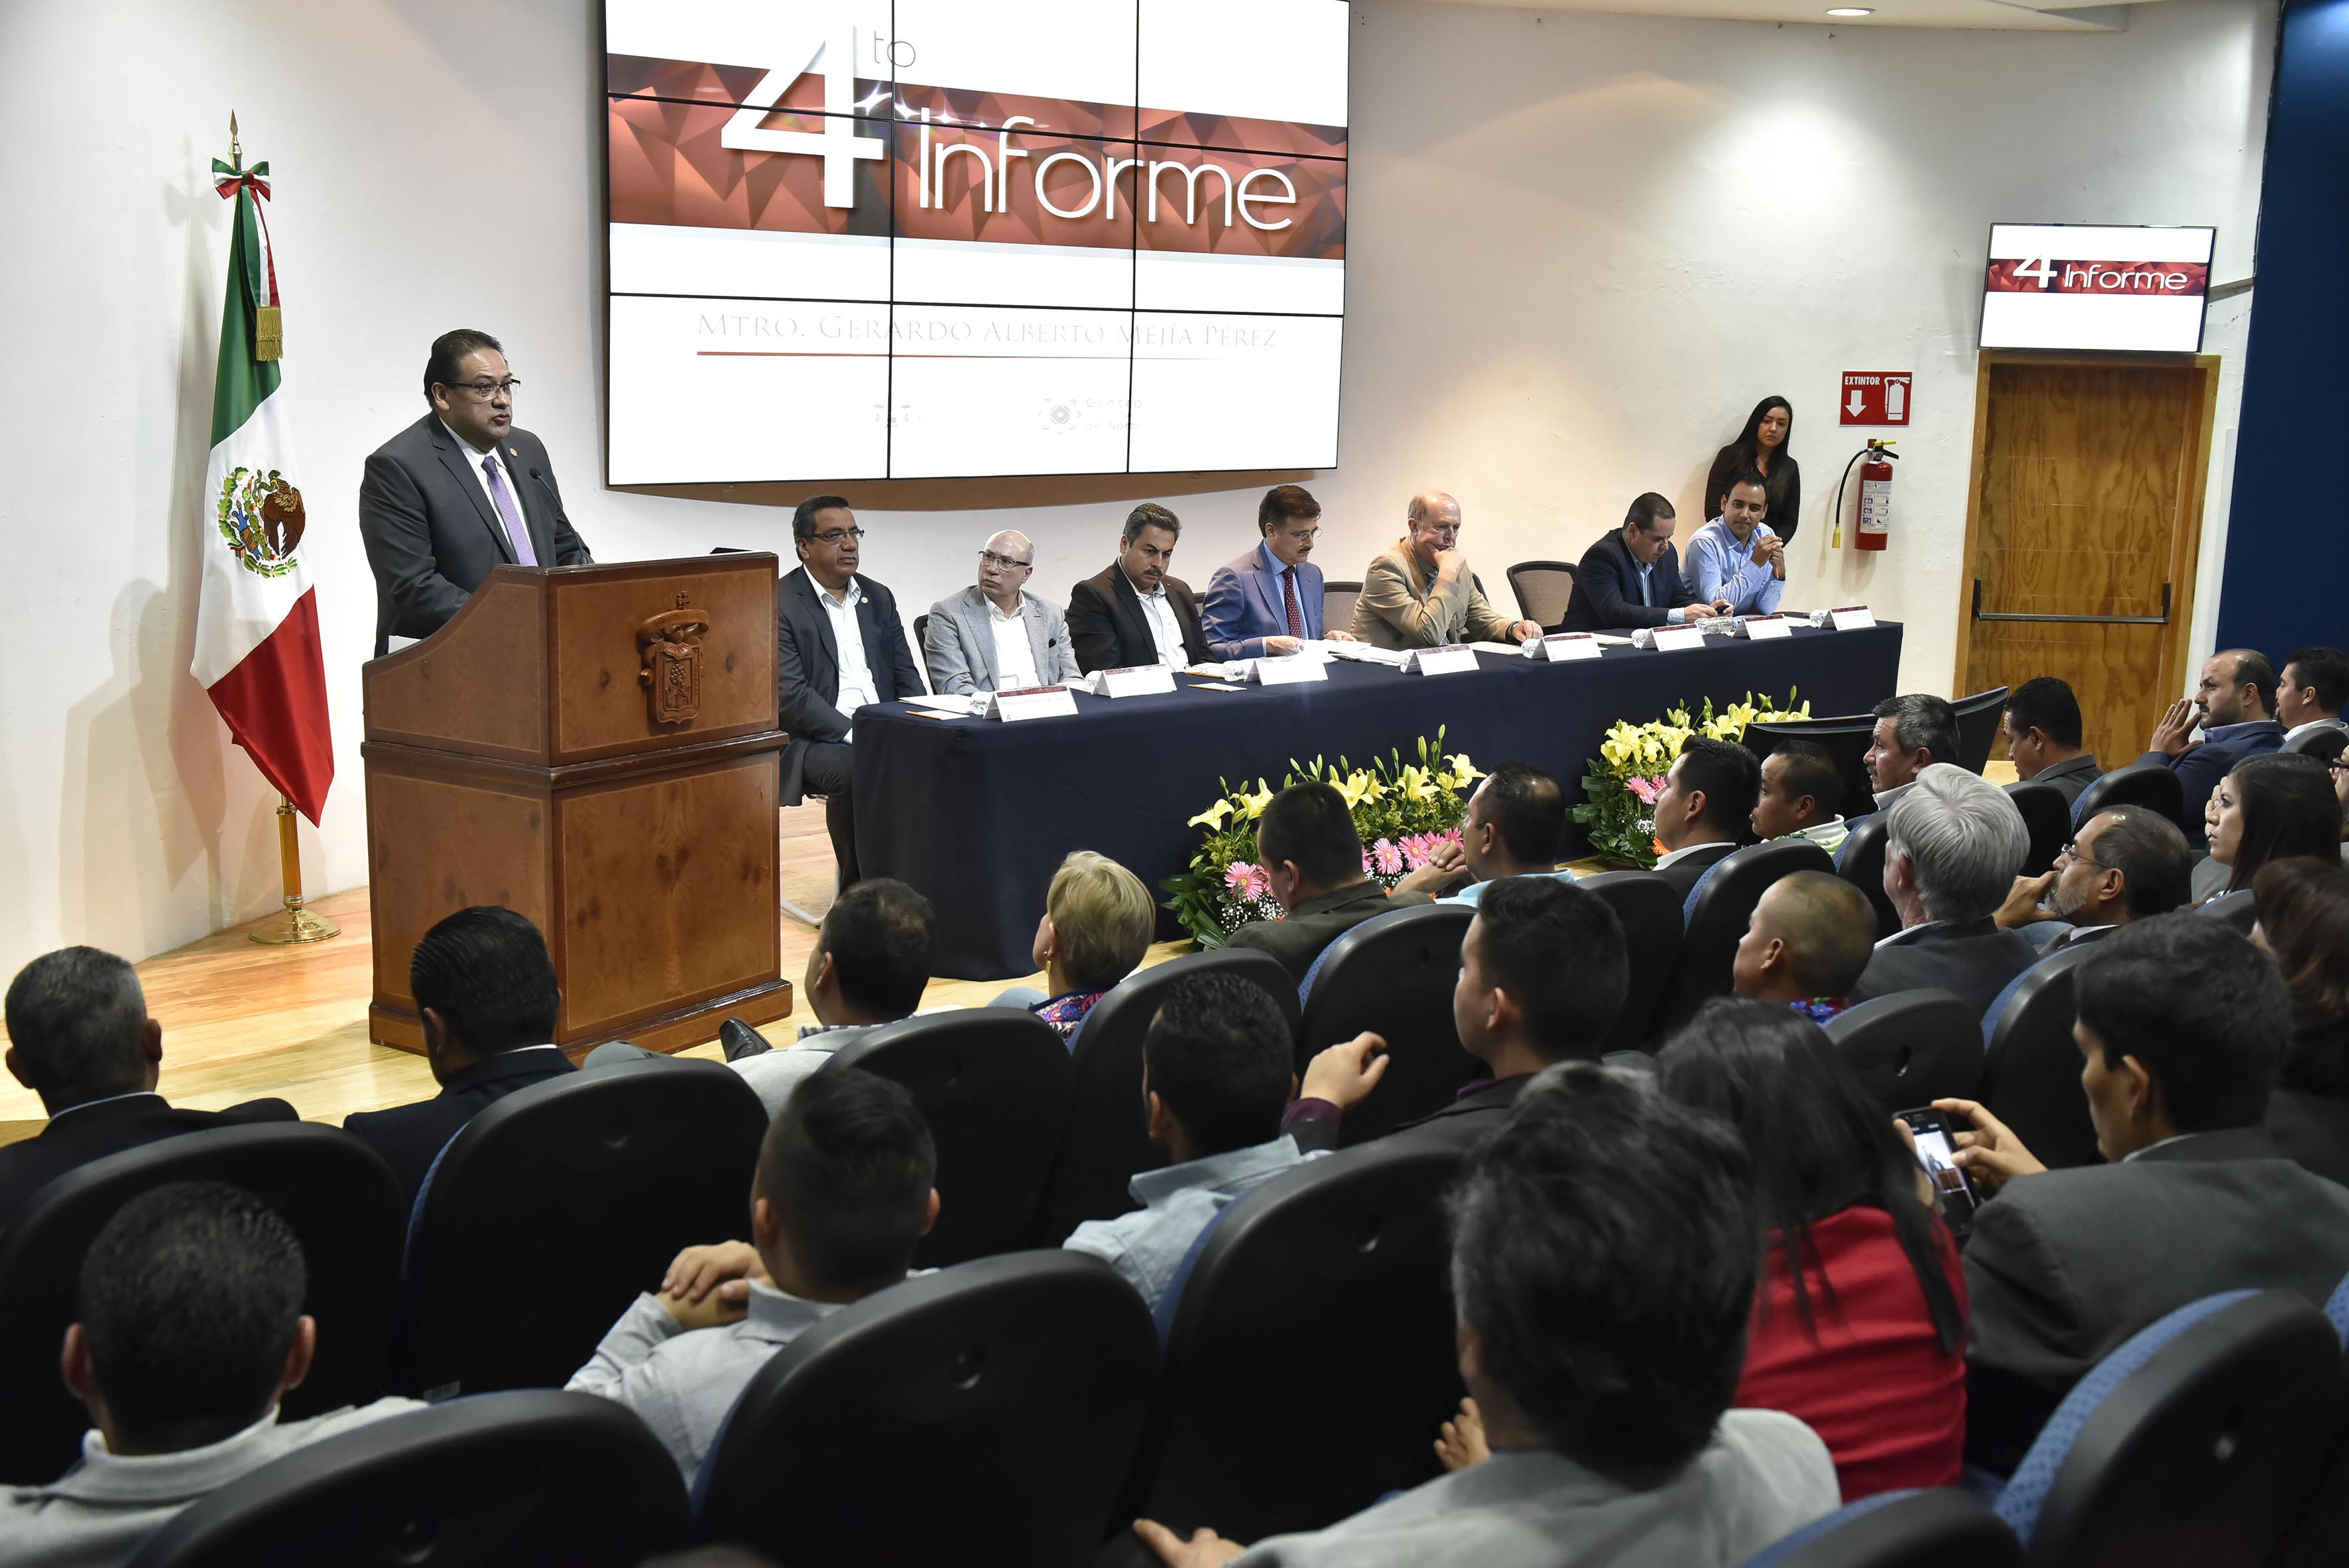 Maestro Gerardo Alberto Mejía Pérez, Rector del Centro Universitario del Norte (CUNorte), presentando su informe de actividades 2016.